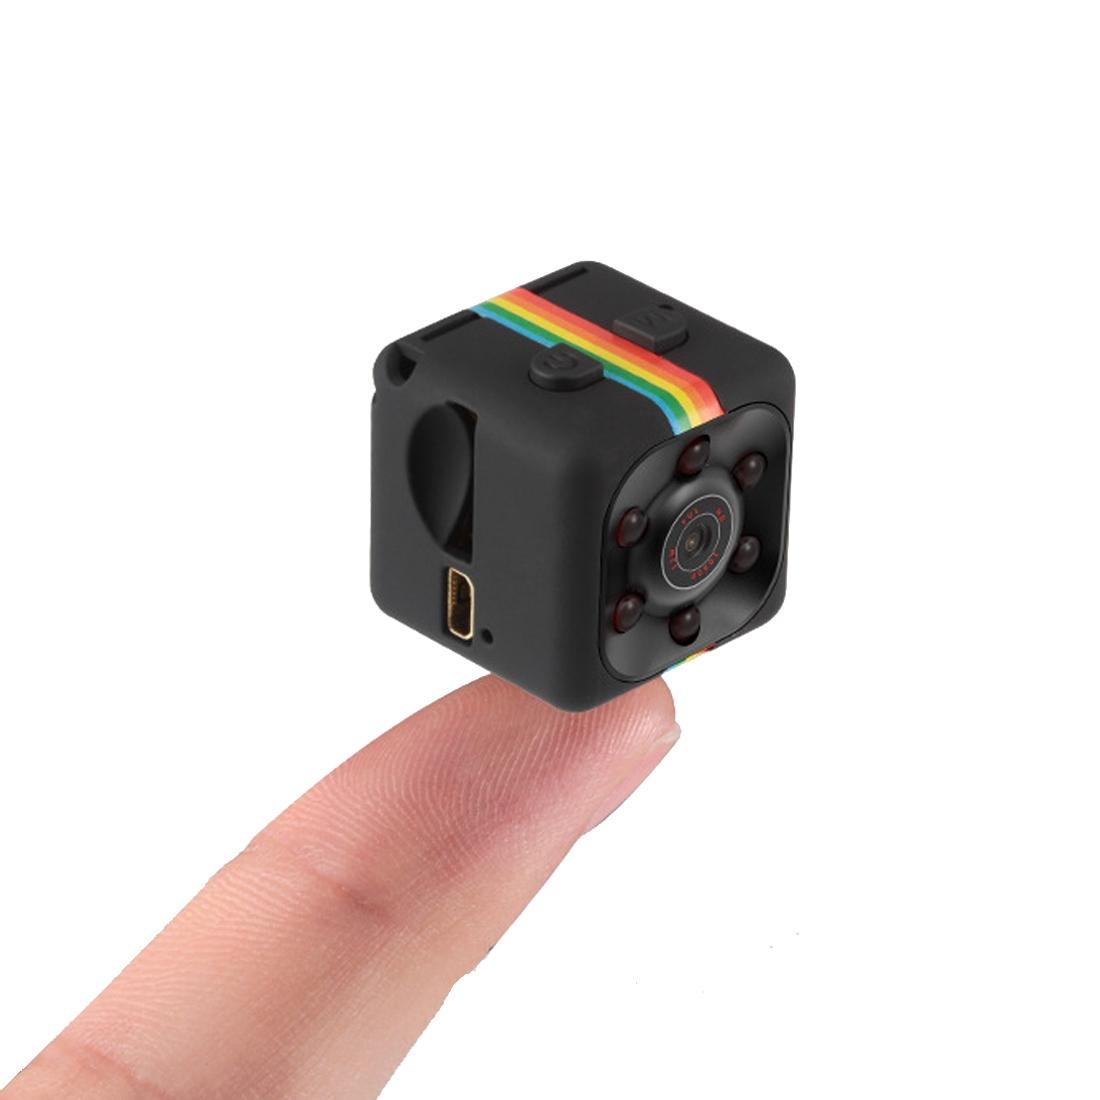 Generic Kamera Generic SQ11 Mini DV HD 1080P 2MP s rekordérem s držákem, podpora detekce pohybu, IR noční vidění, karta TF (černá)